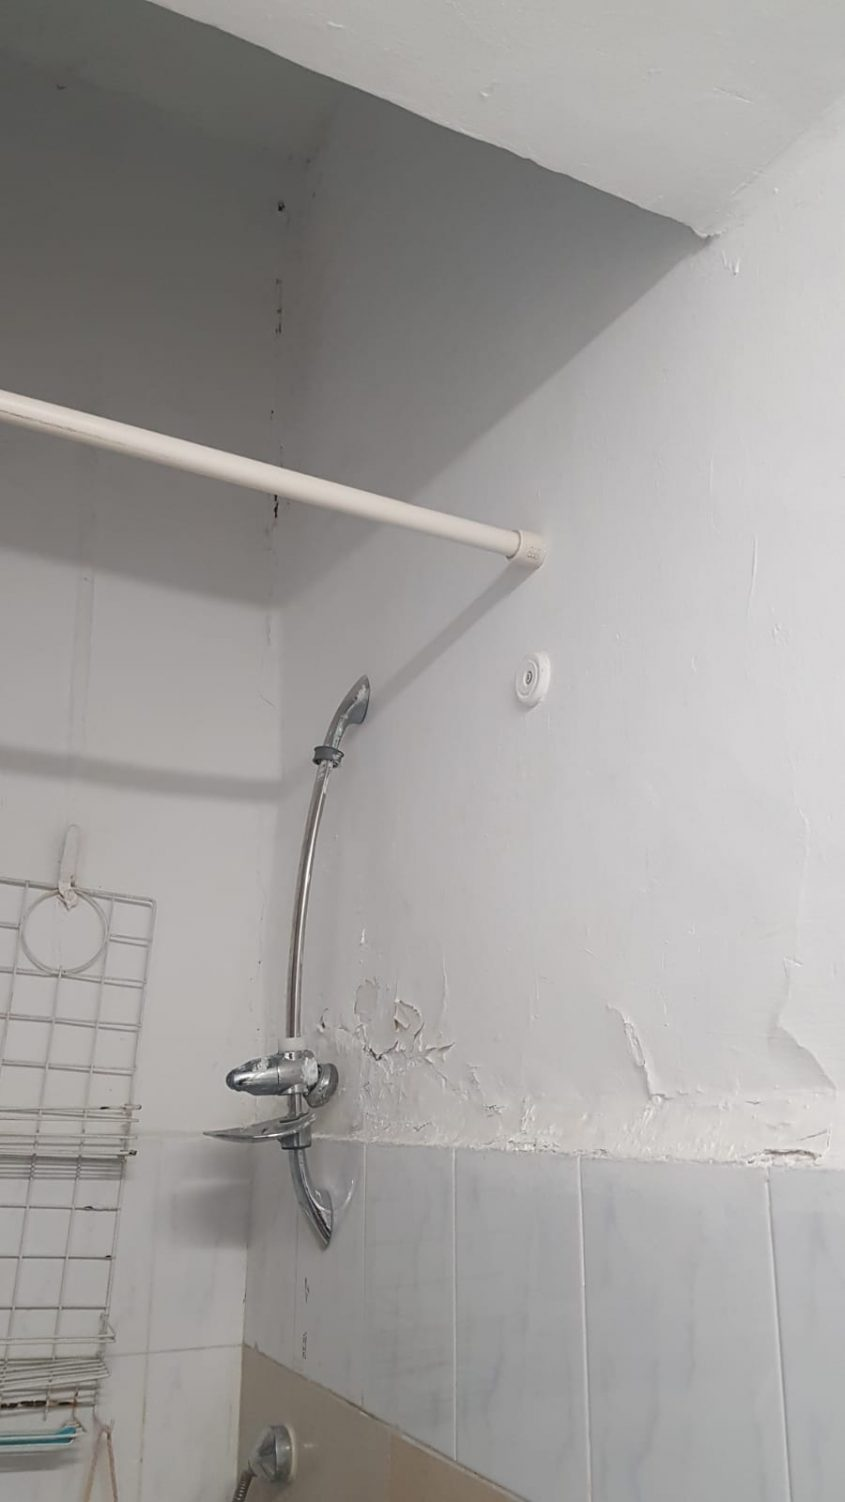 האמבטיה - לפני השיפוץ (צילום: ששון תירם)